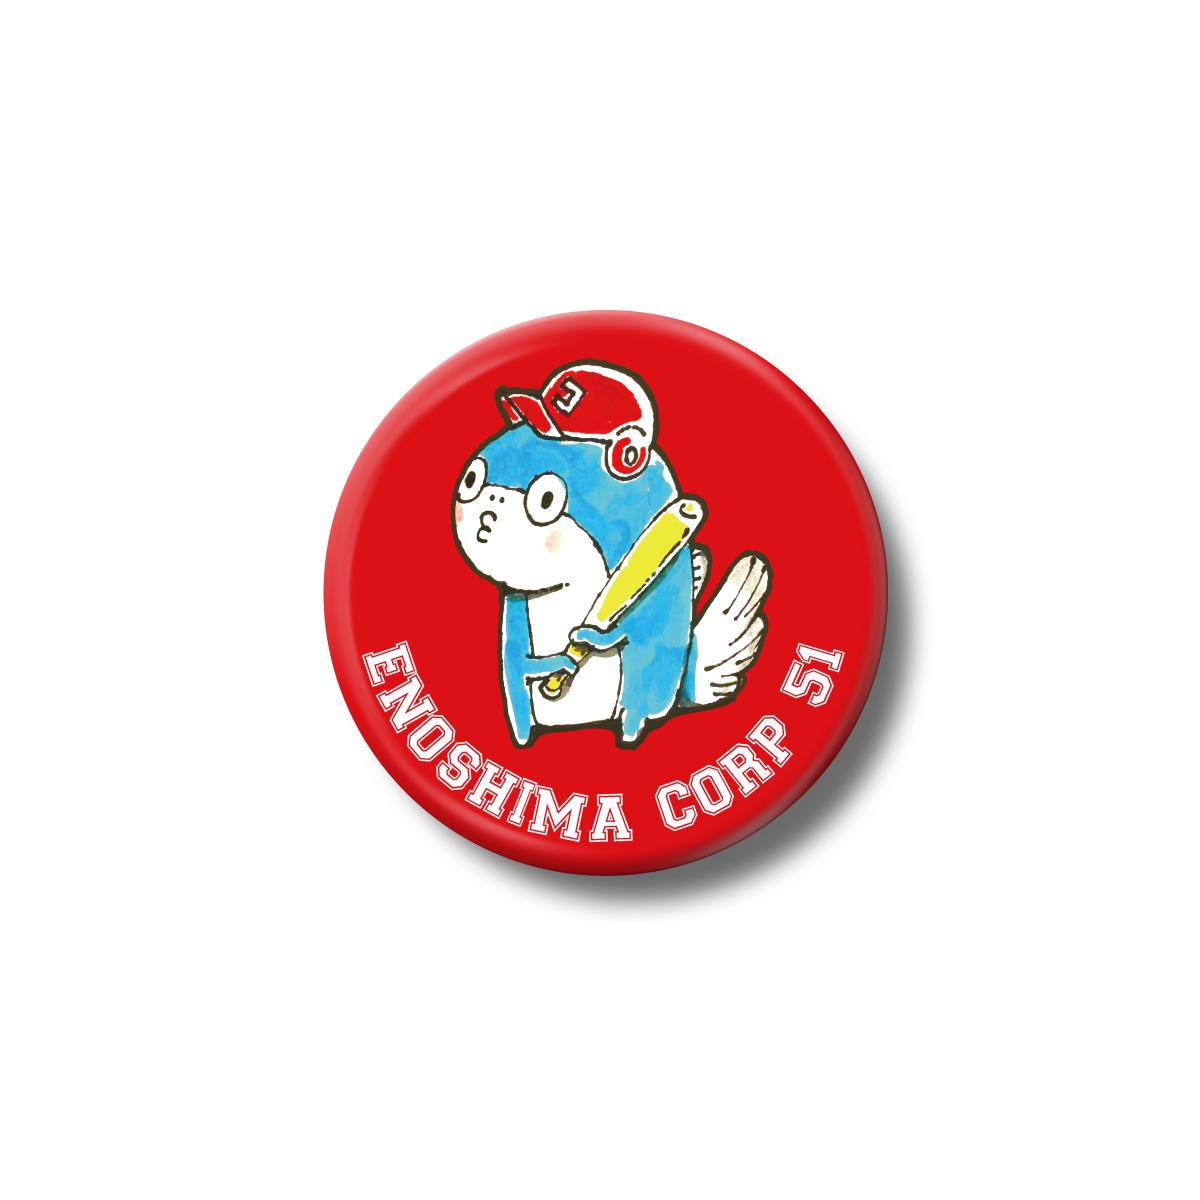 コイス缶バッジ (江の島コープ)